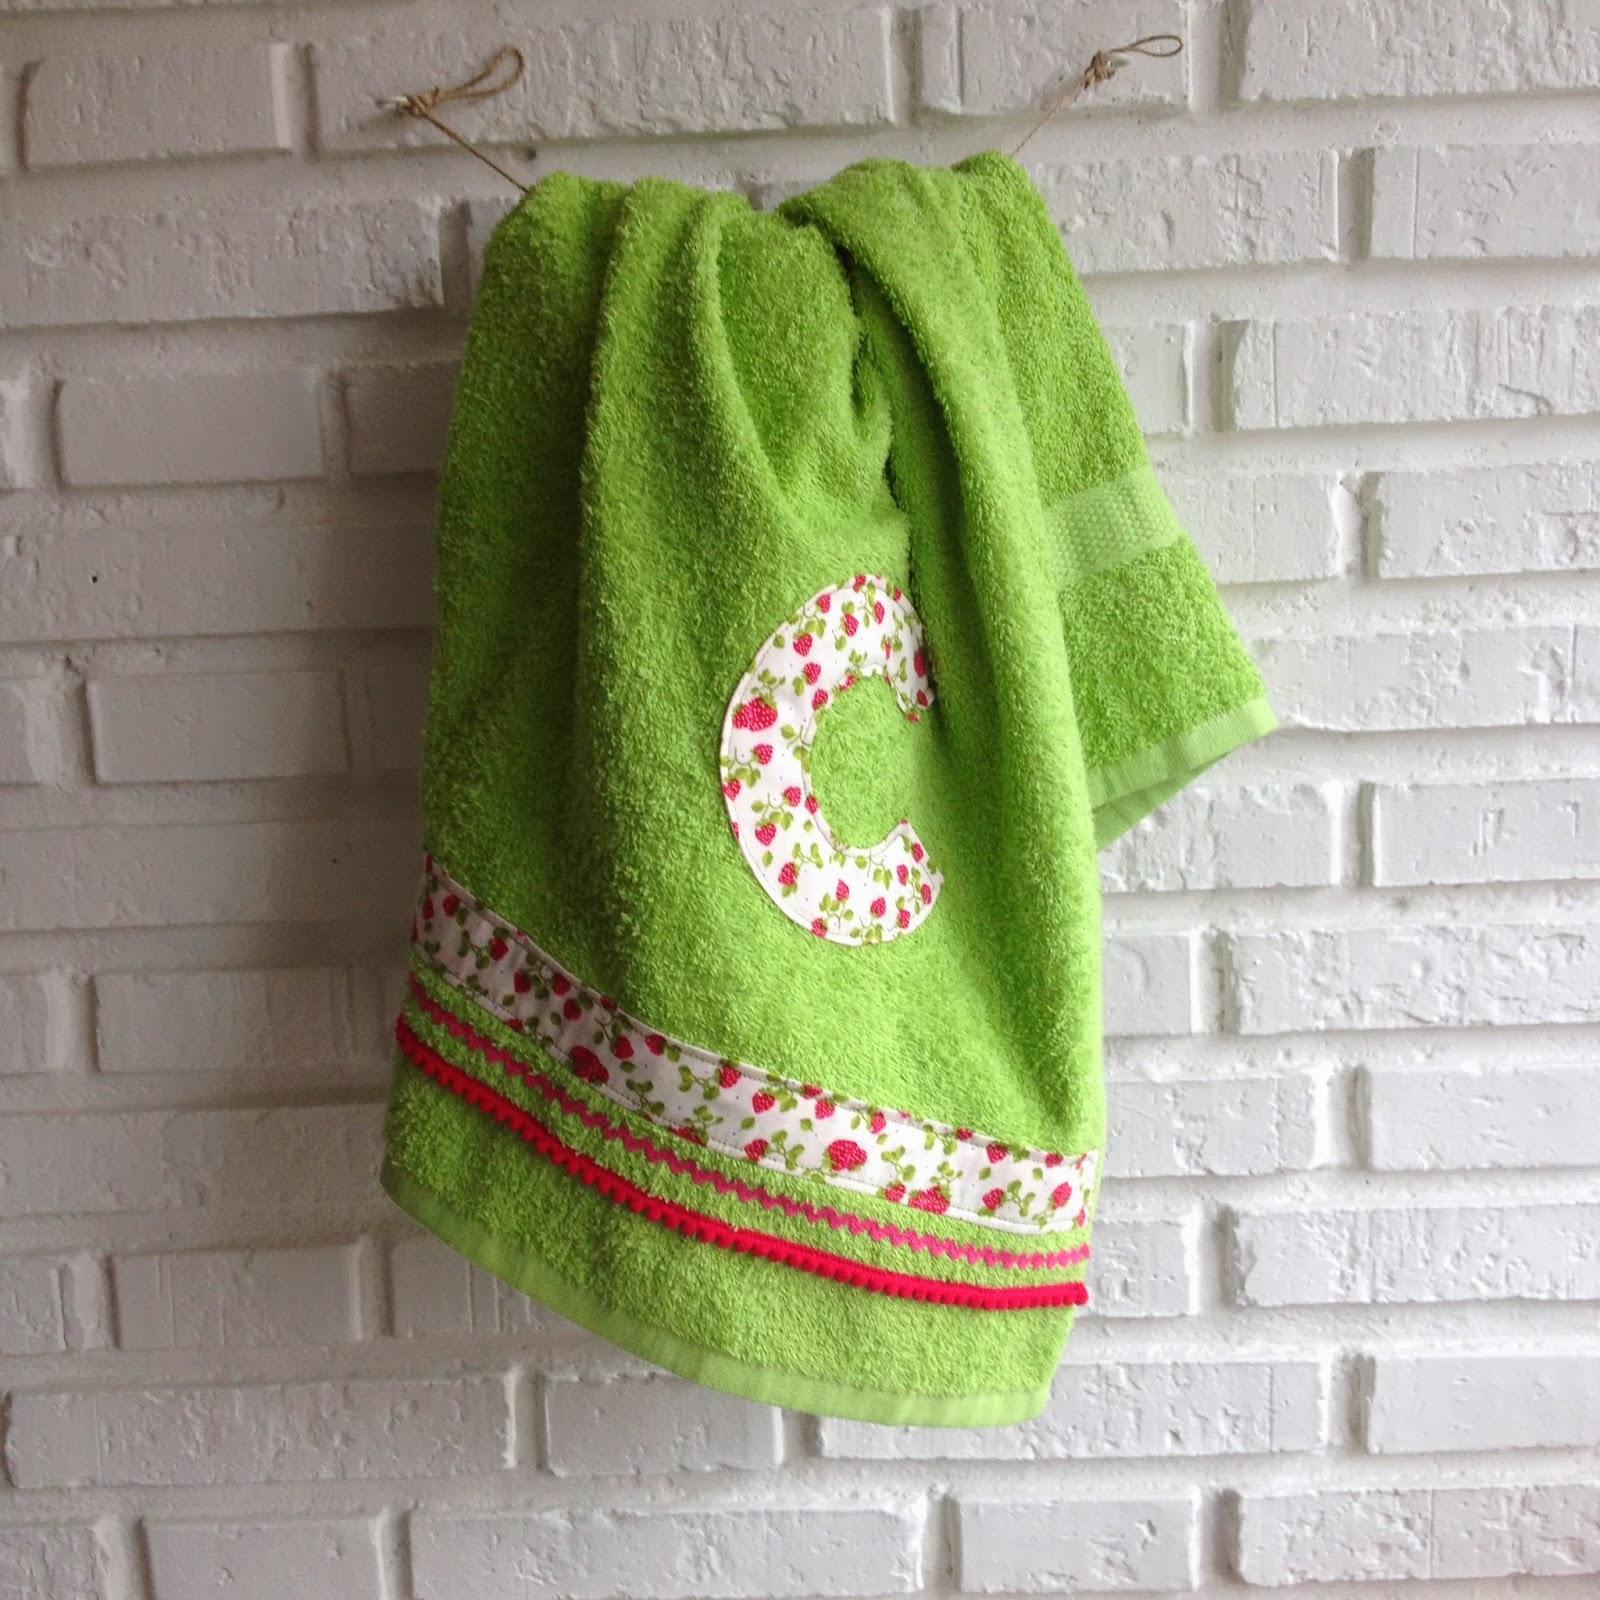 Pelote de laine toallas ba o piscina for Toallas piscina